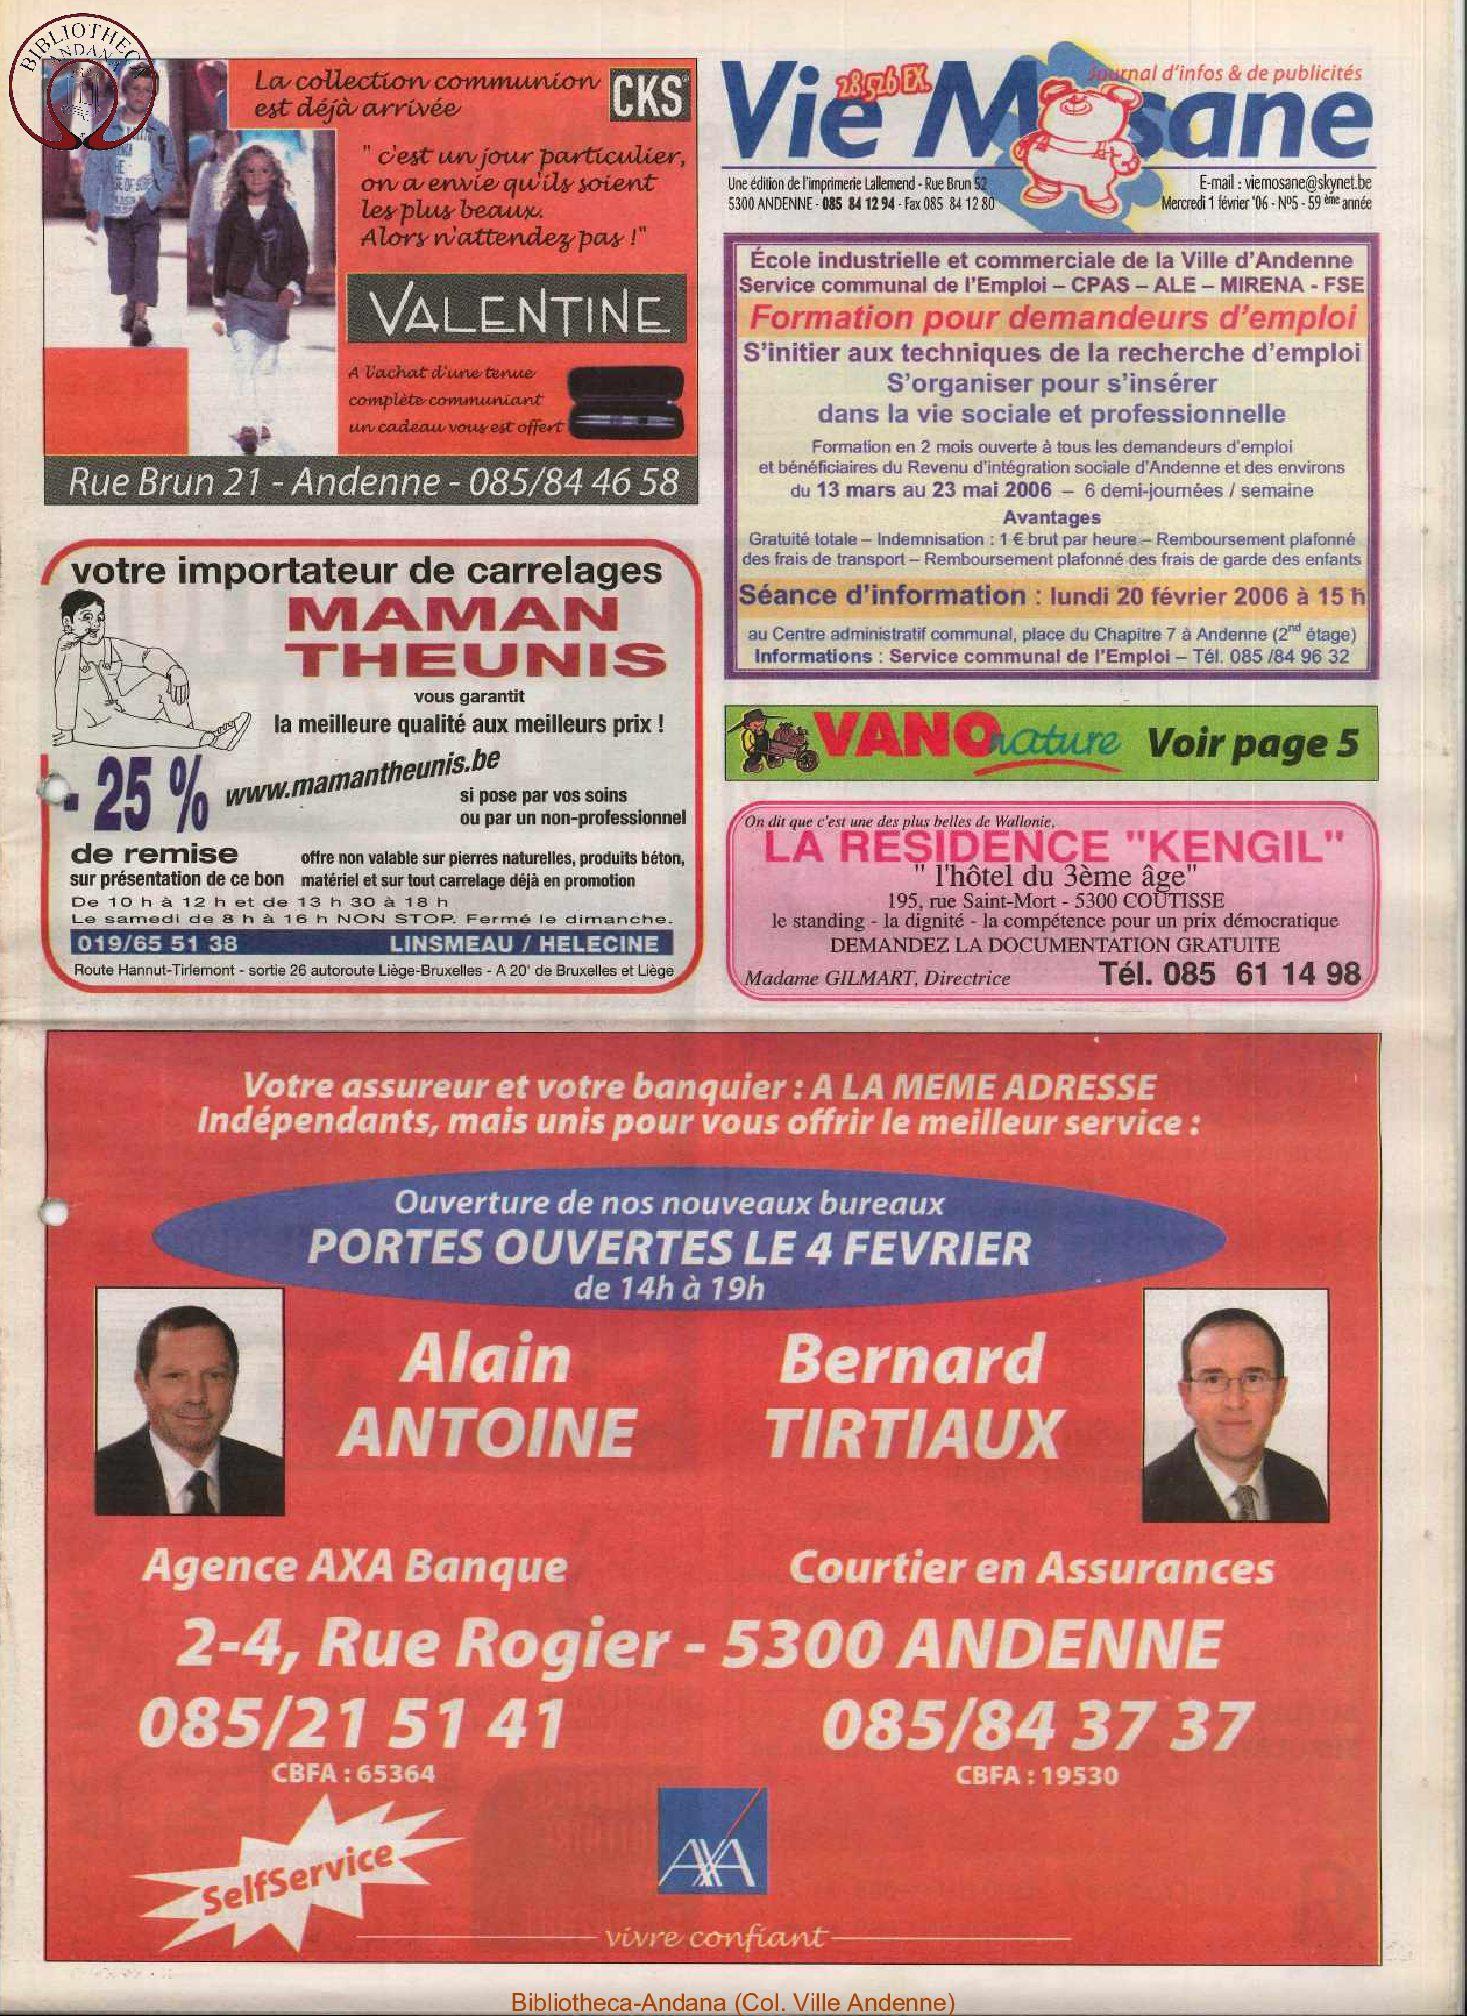 59e année - n°5 - 1er février 2006